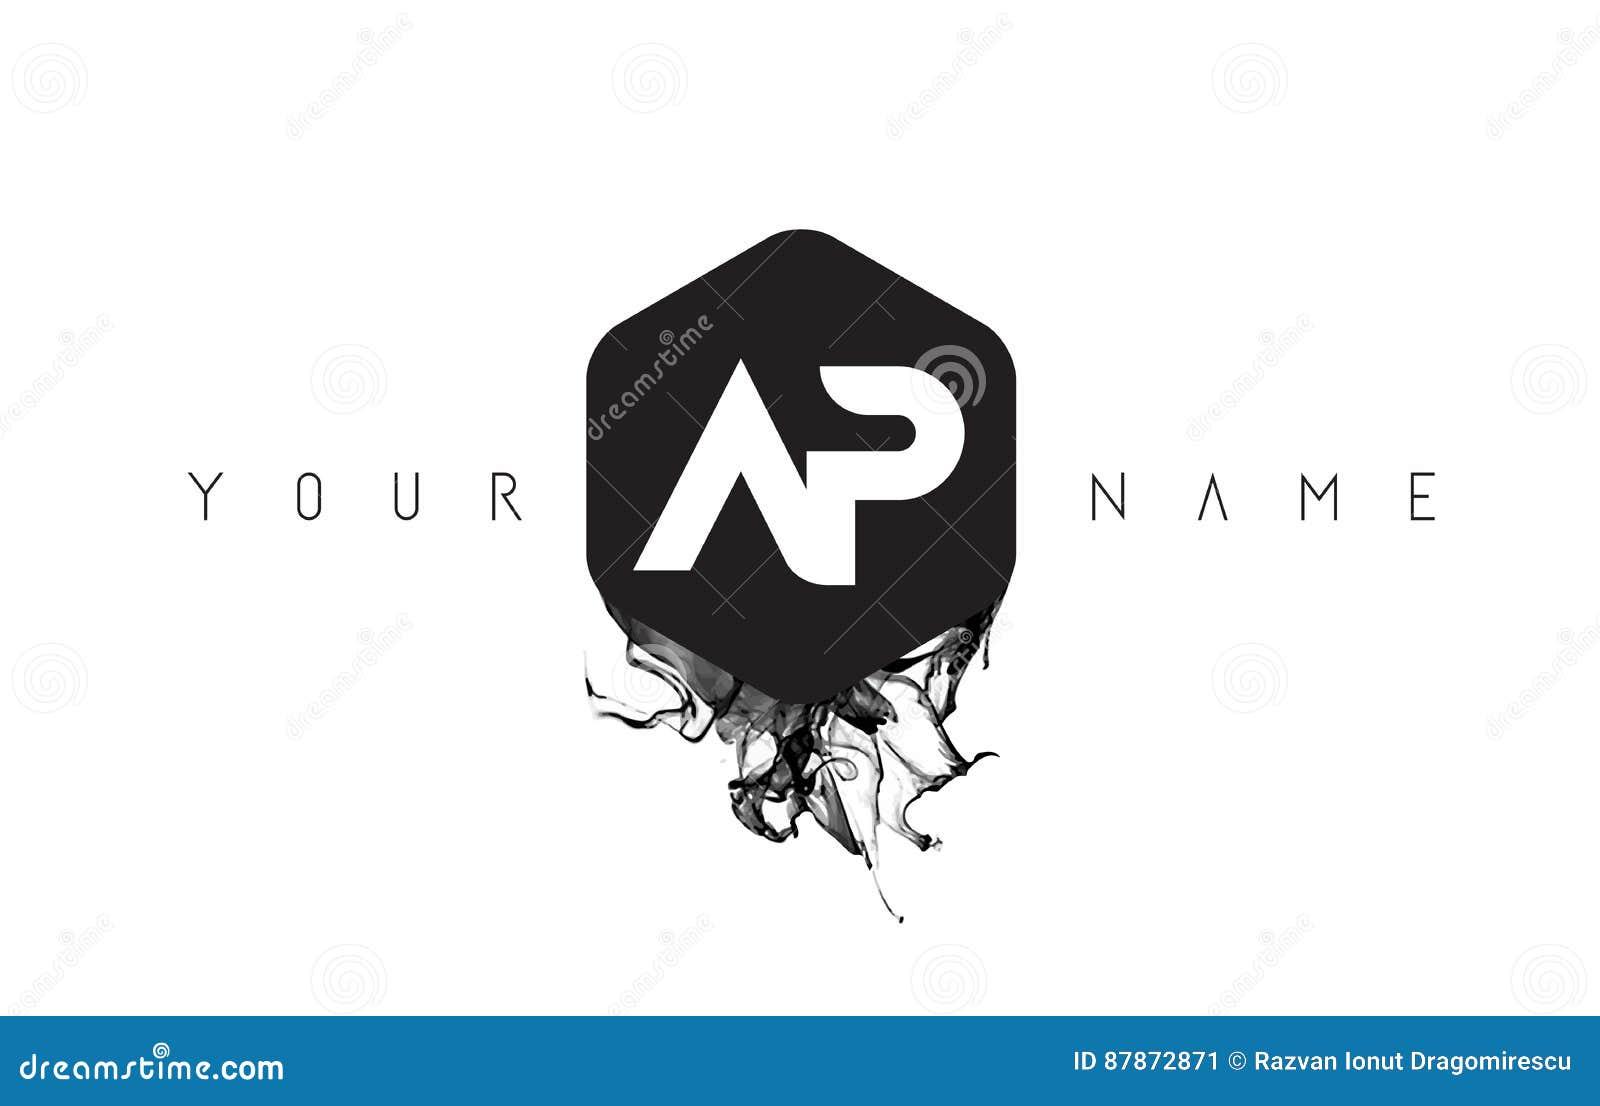 letra logo design del ap con derramamiento negro de la. Black Bedroom Furniture Sets. Home Design Ideas